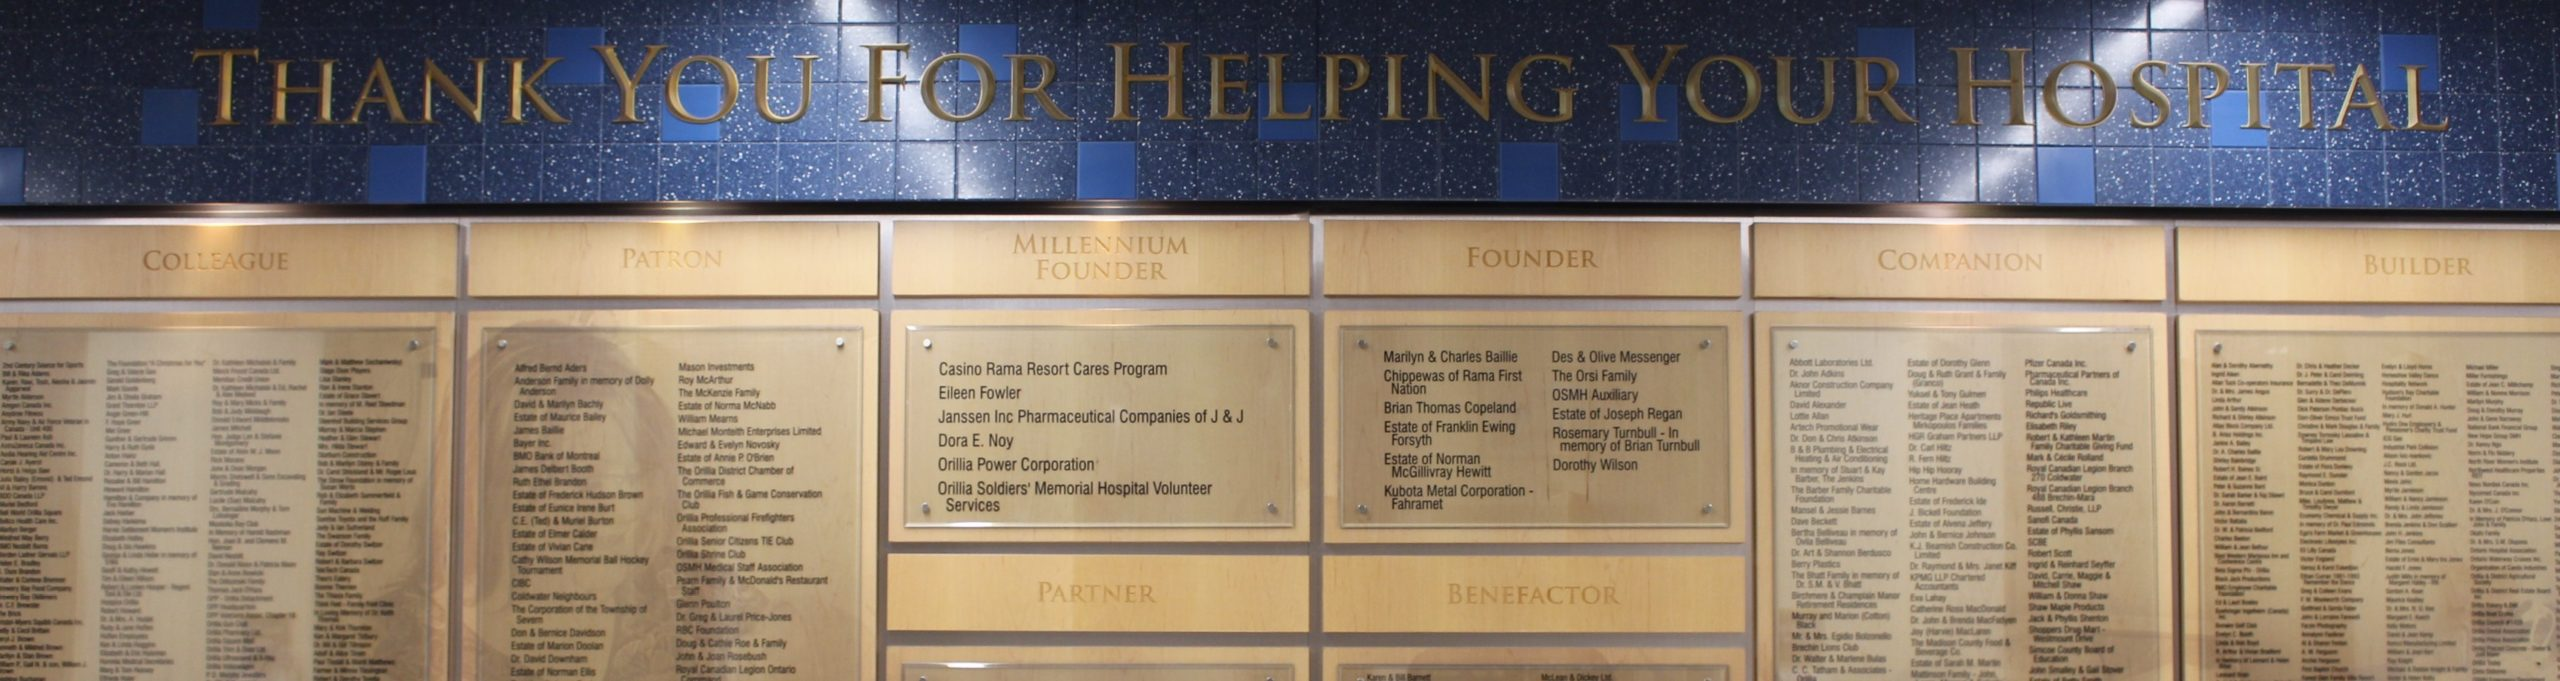 Donor Wall Image Header